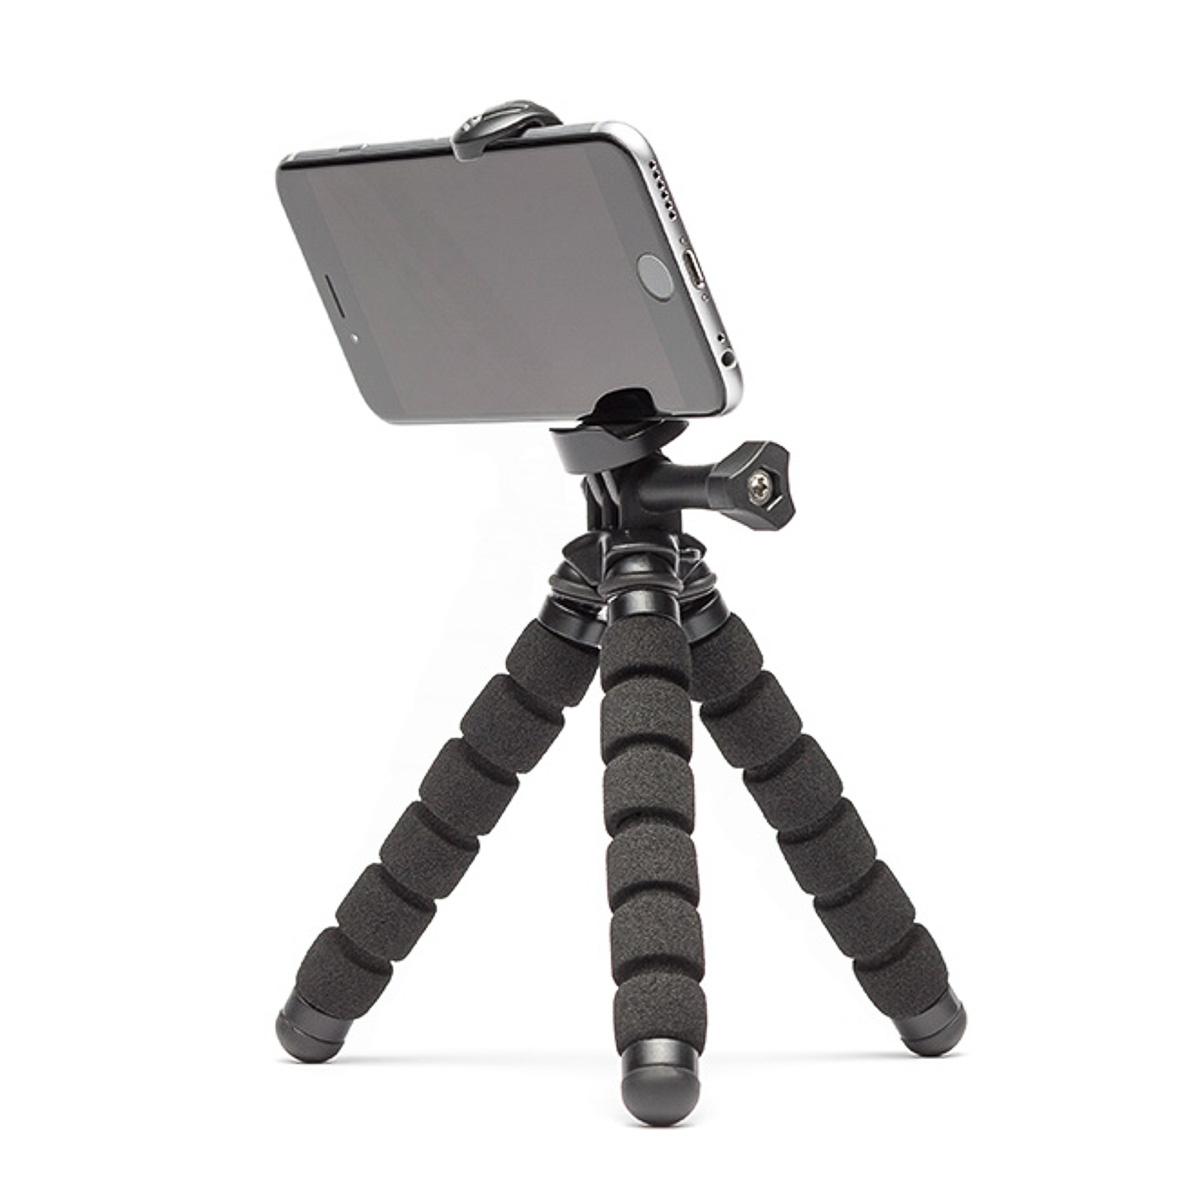 Trépied flexible smartphone Pixter - Heureux comme un Prince